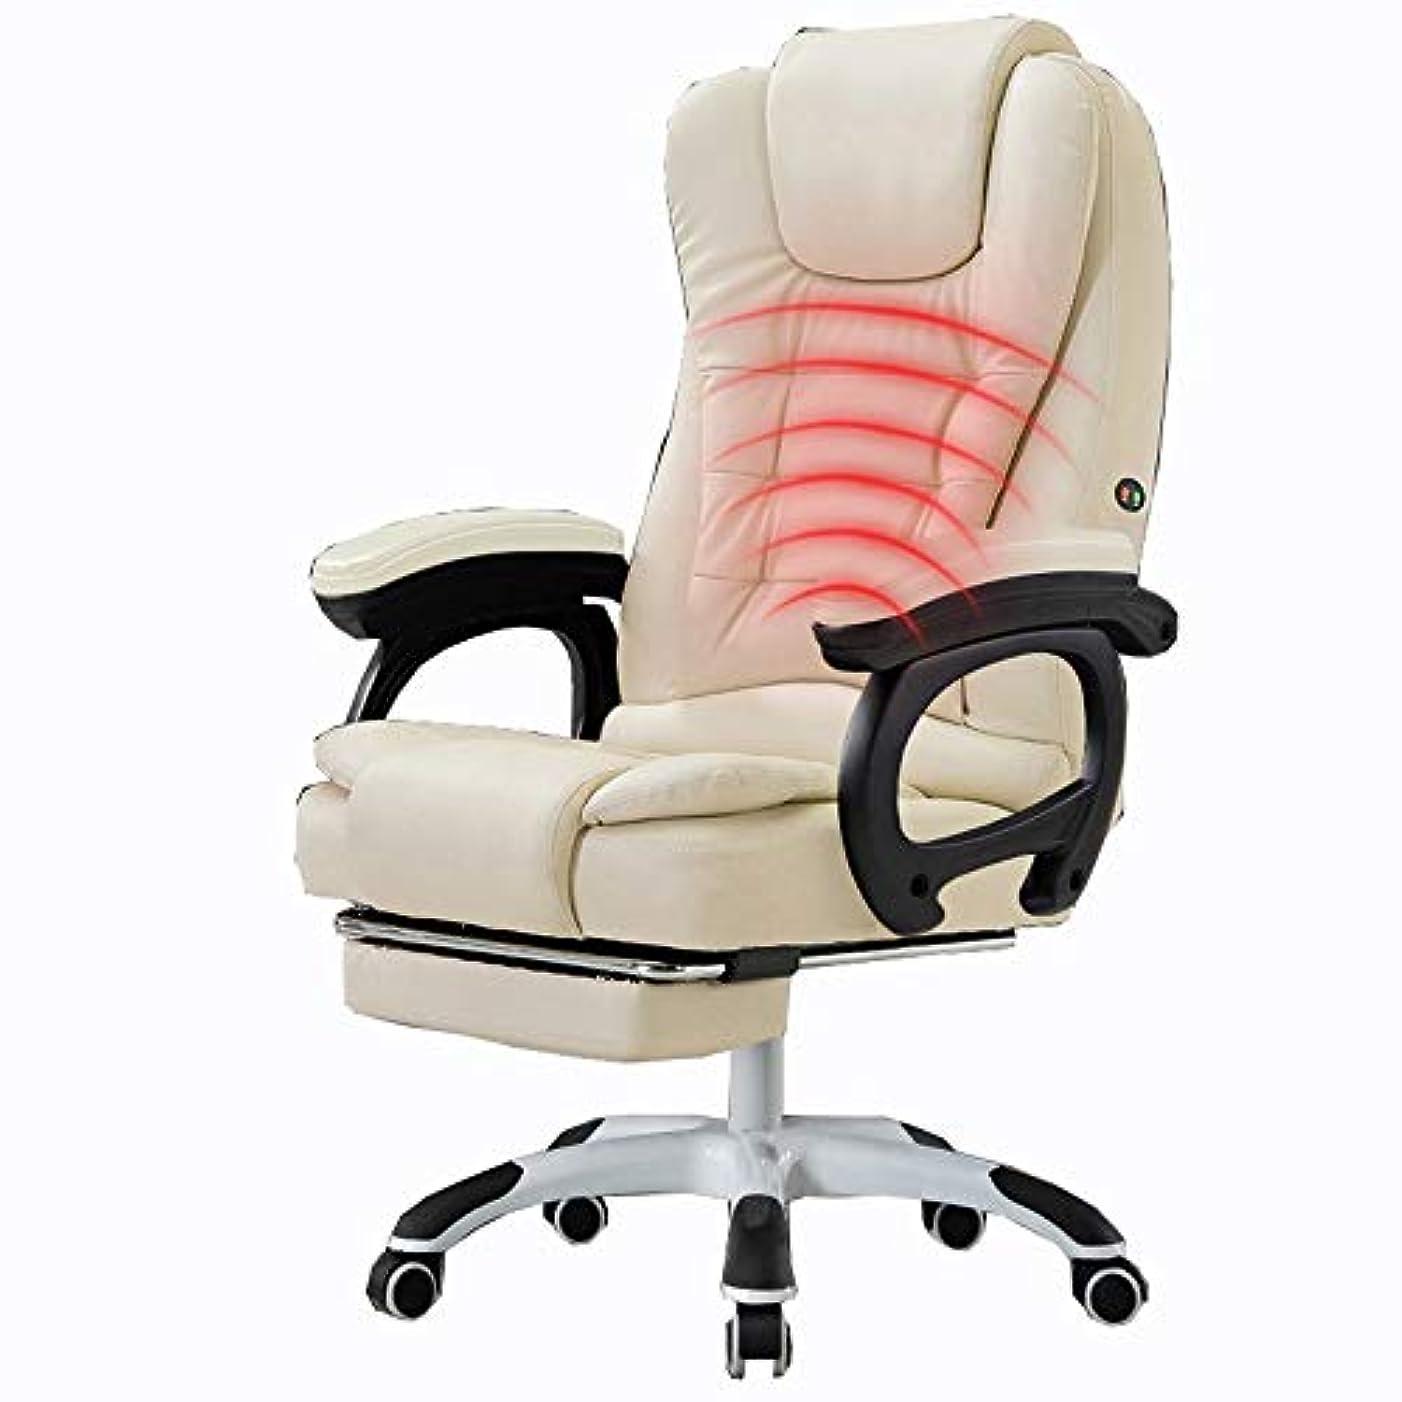 ミスカメ気配りのあるLJFYXZ 社長椅子 約160度リクライニング フットレスト 高さ昇降 肉厚クッション ウエストマッサージ レザー ビジネス デスクチェア ベアリング重量150kg (Color : Beige)